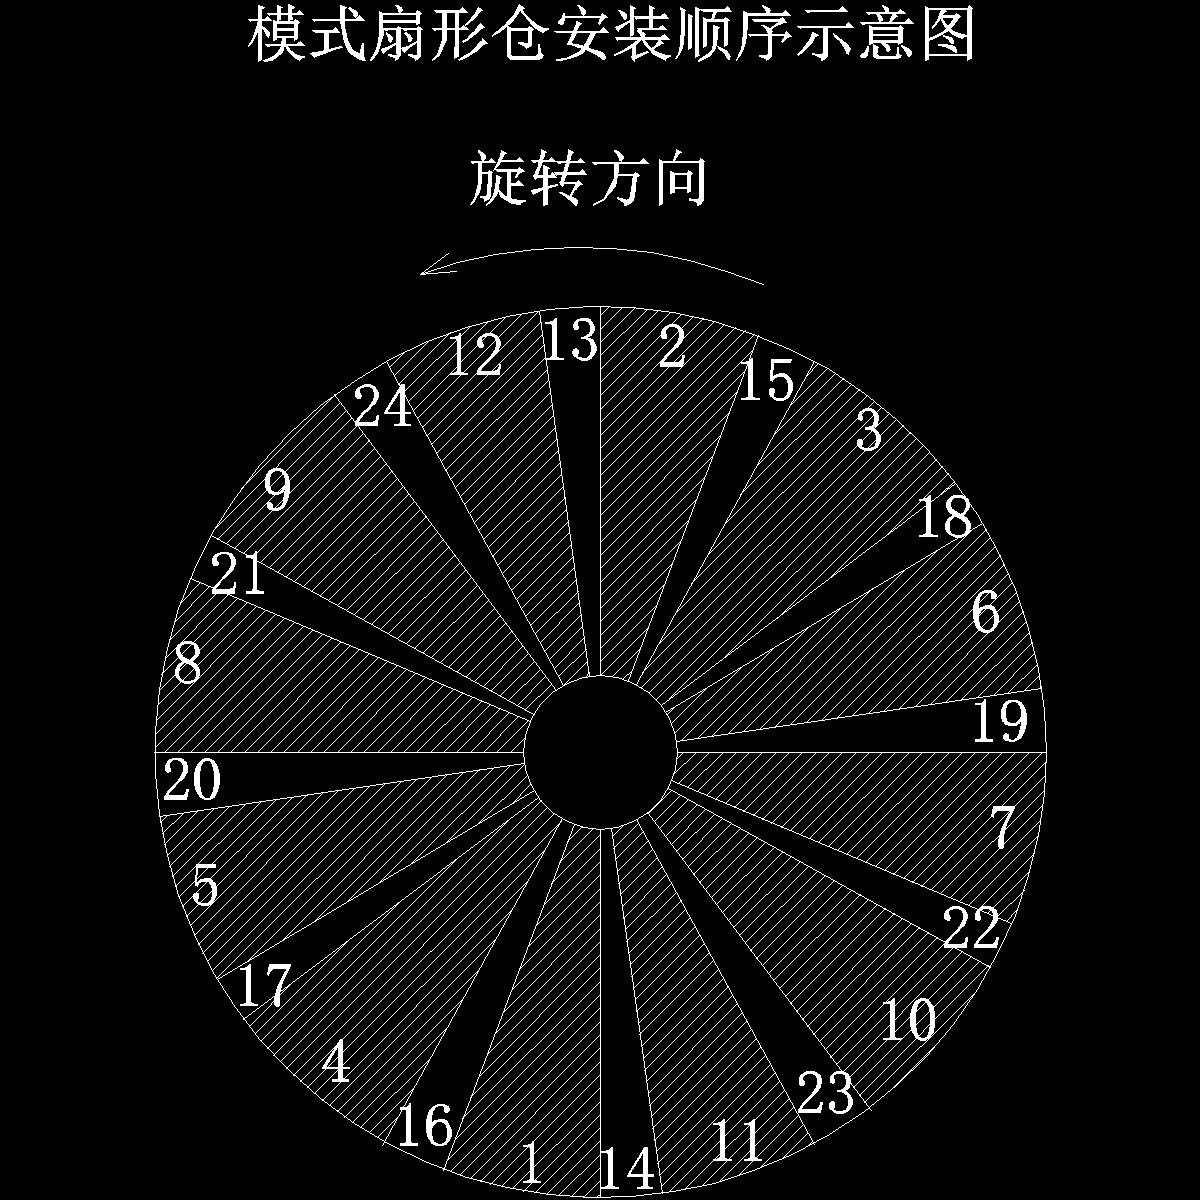 模式扇形仓安装顺序示意图.dwg